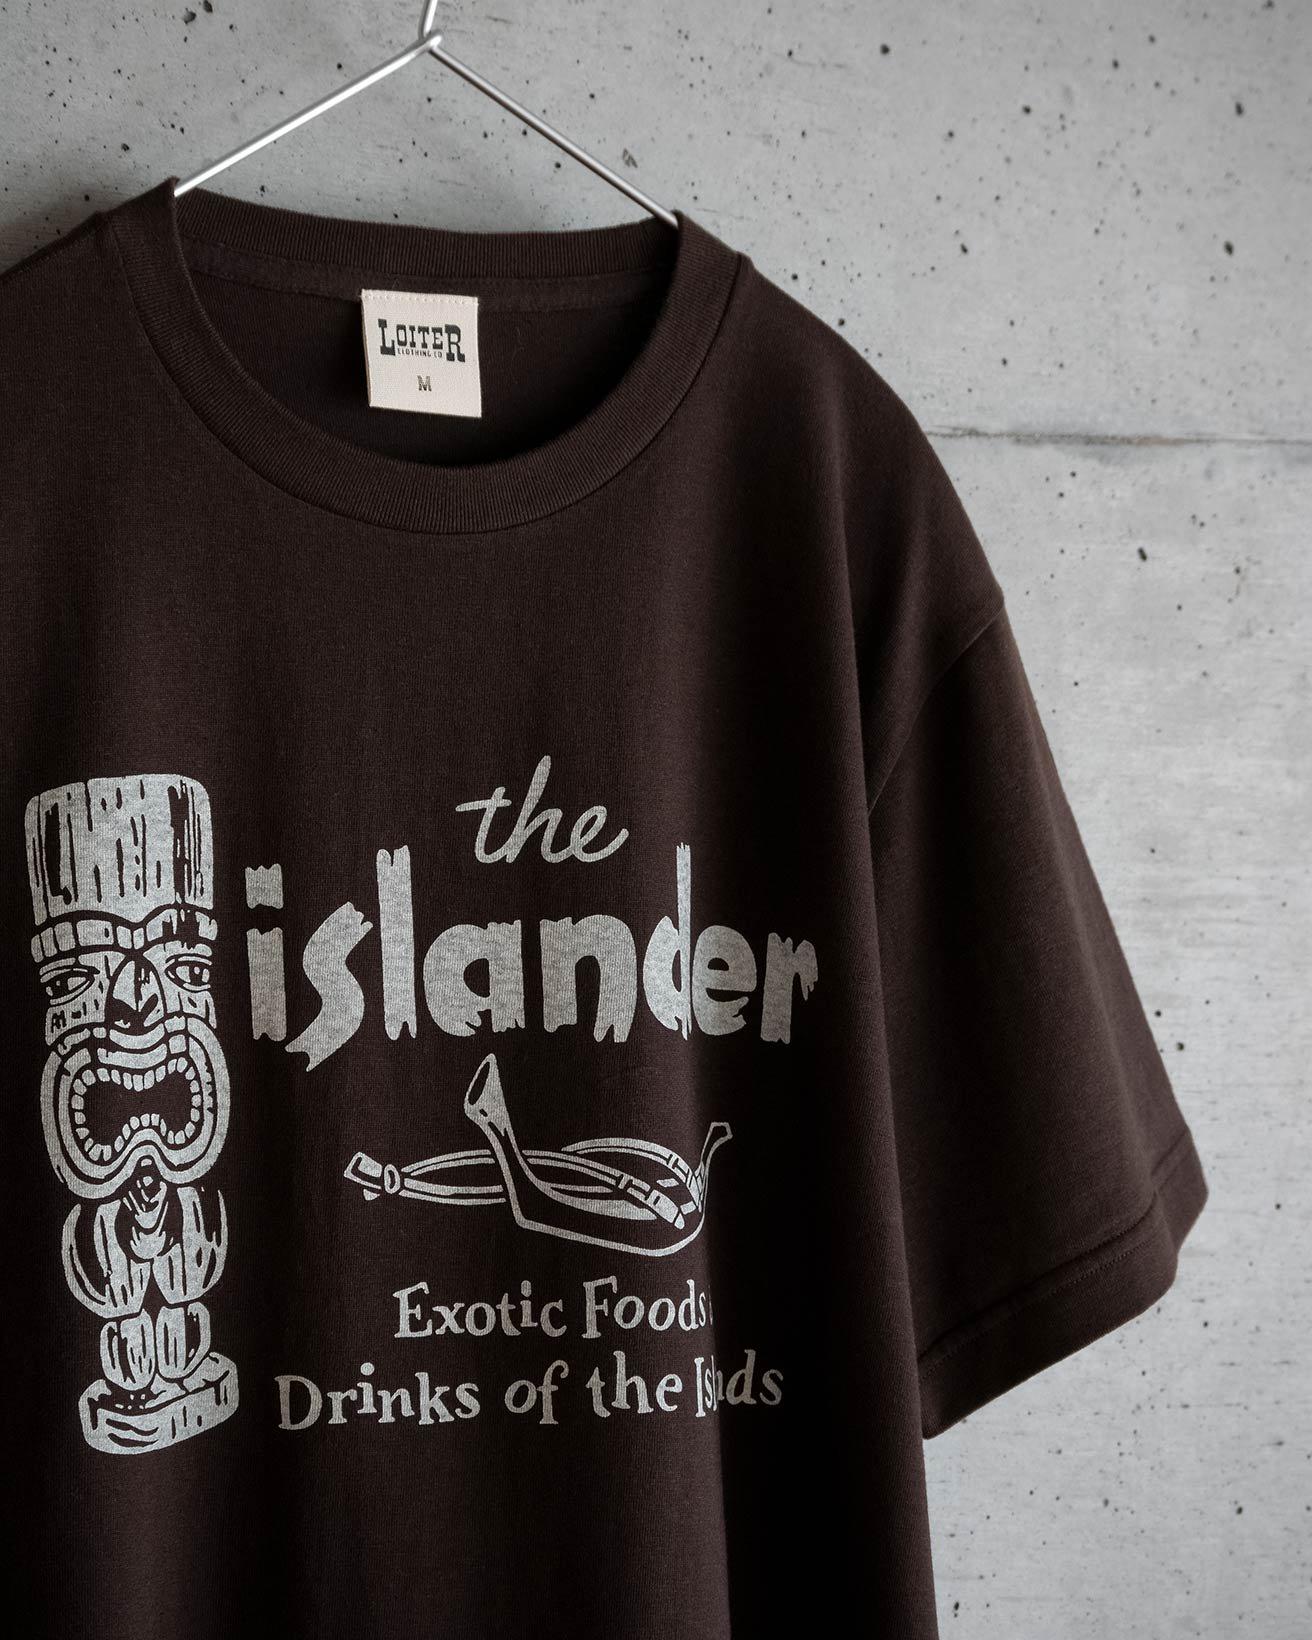 islander ヴィンテージTシャツ